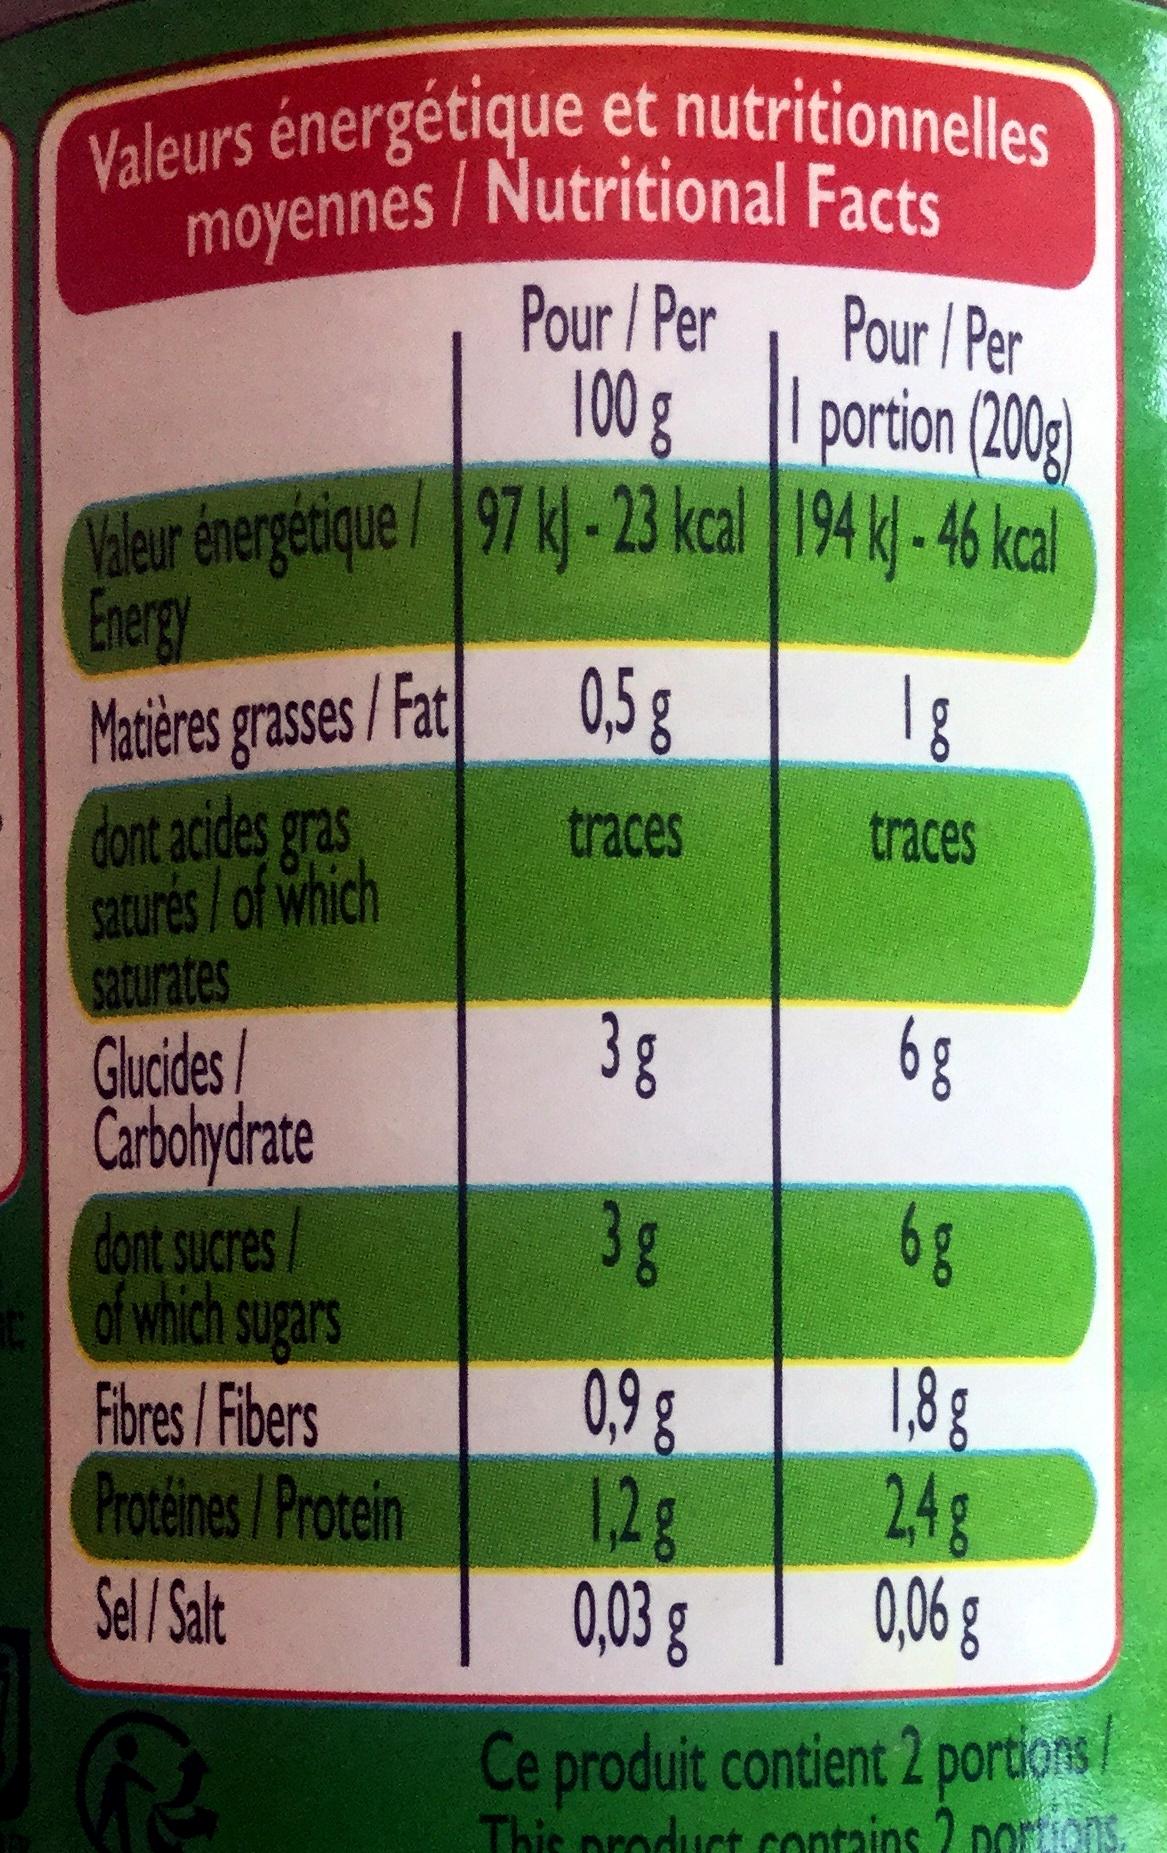 tomates concass es au jus leader price calories valeurs nutritionnelles et avis de consommation. Black Bedroom Furniture Sets. Home Design Ideas